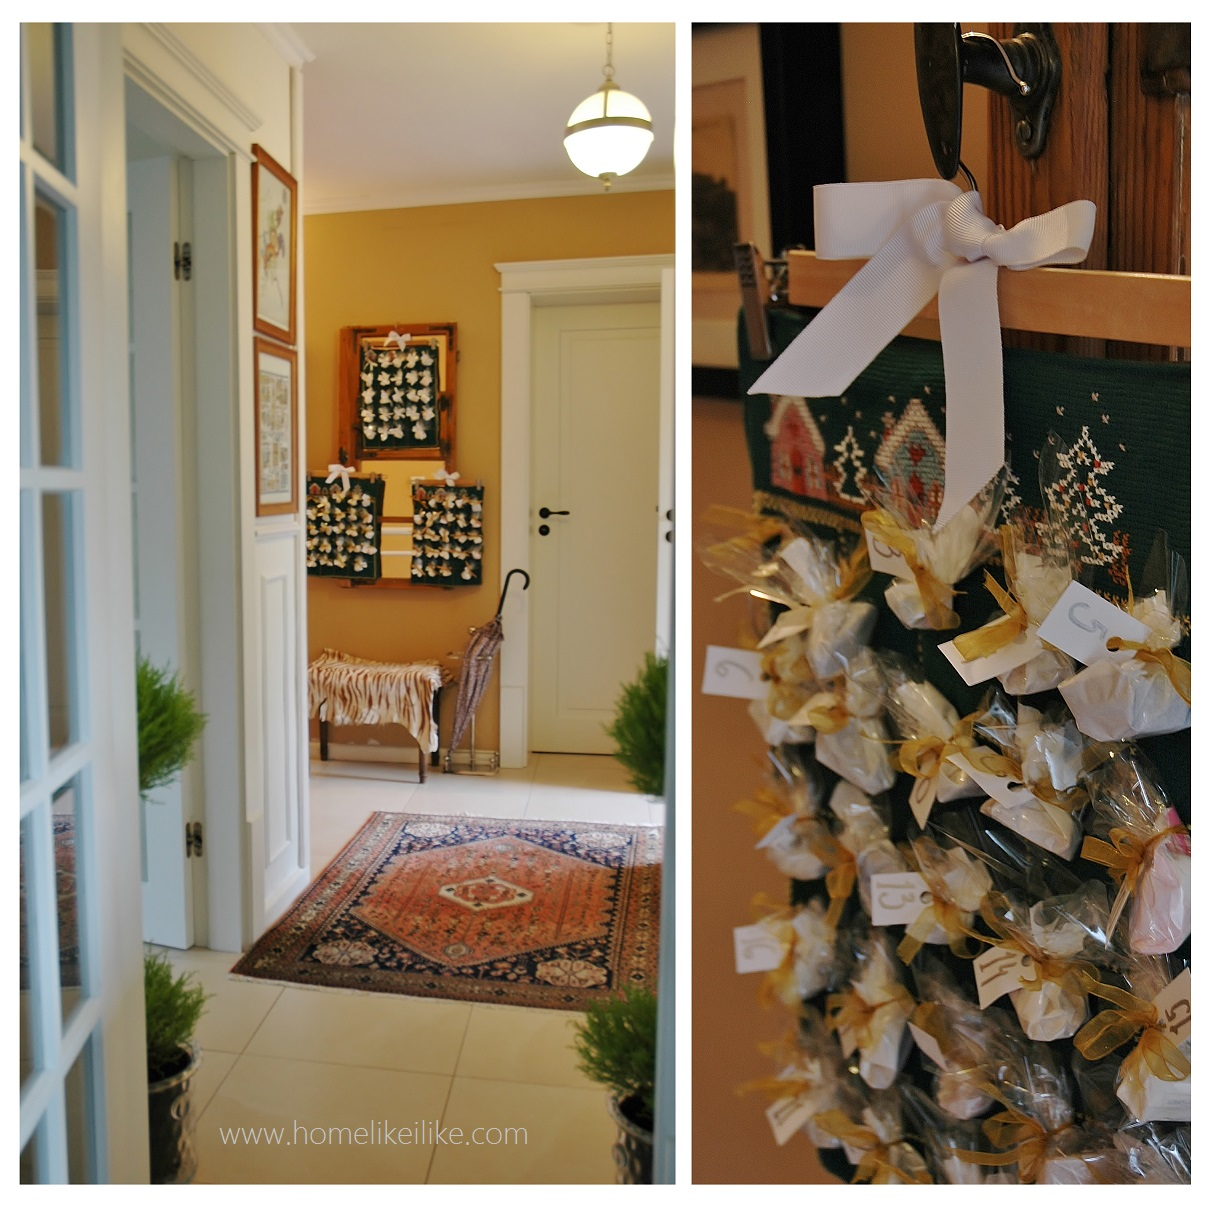 ozdoby świąteczne - kalendarze adwentowe - homelikeilike.com